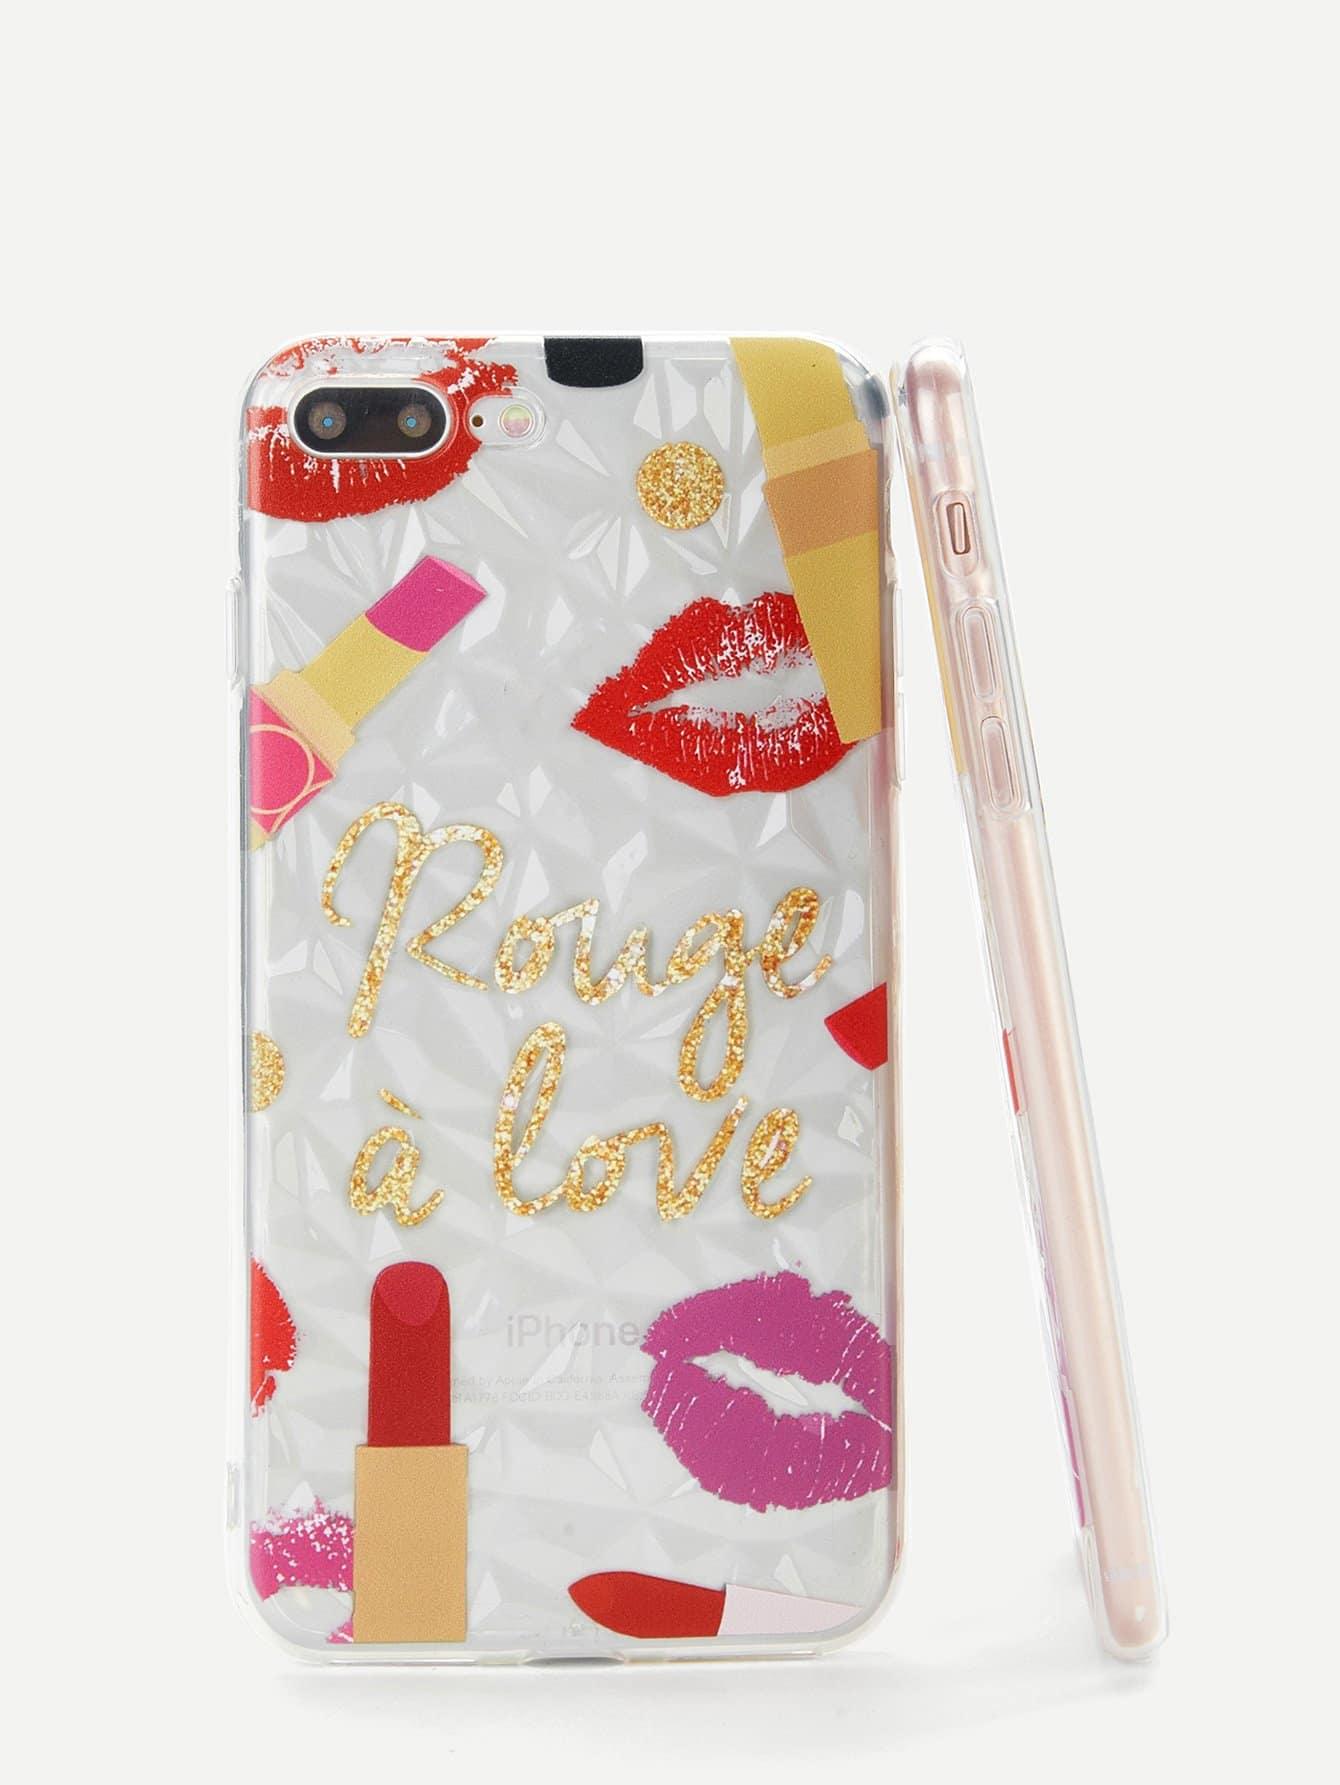 cbf8d0ac0d Lip & Lipstick iPhone Case | SHEIN